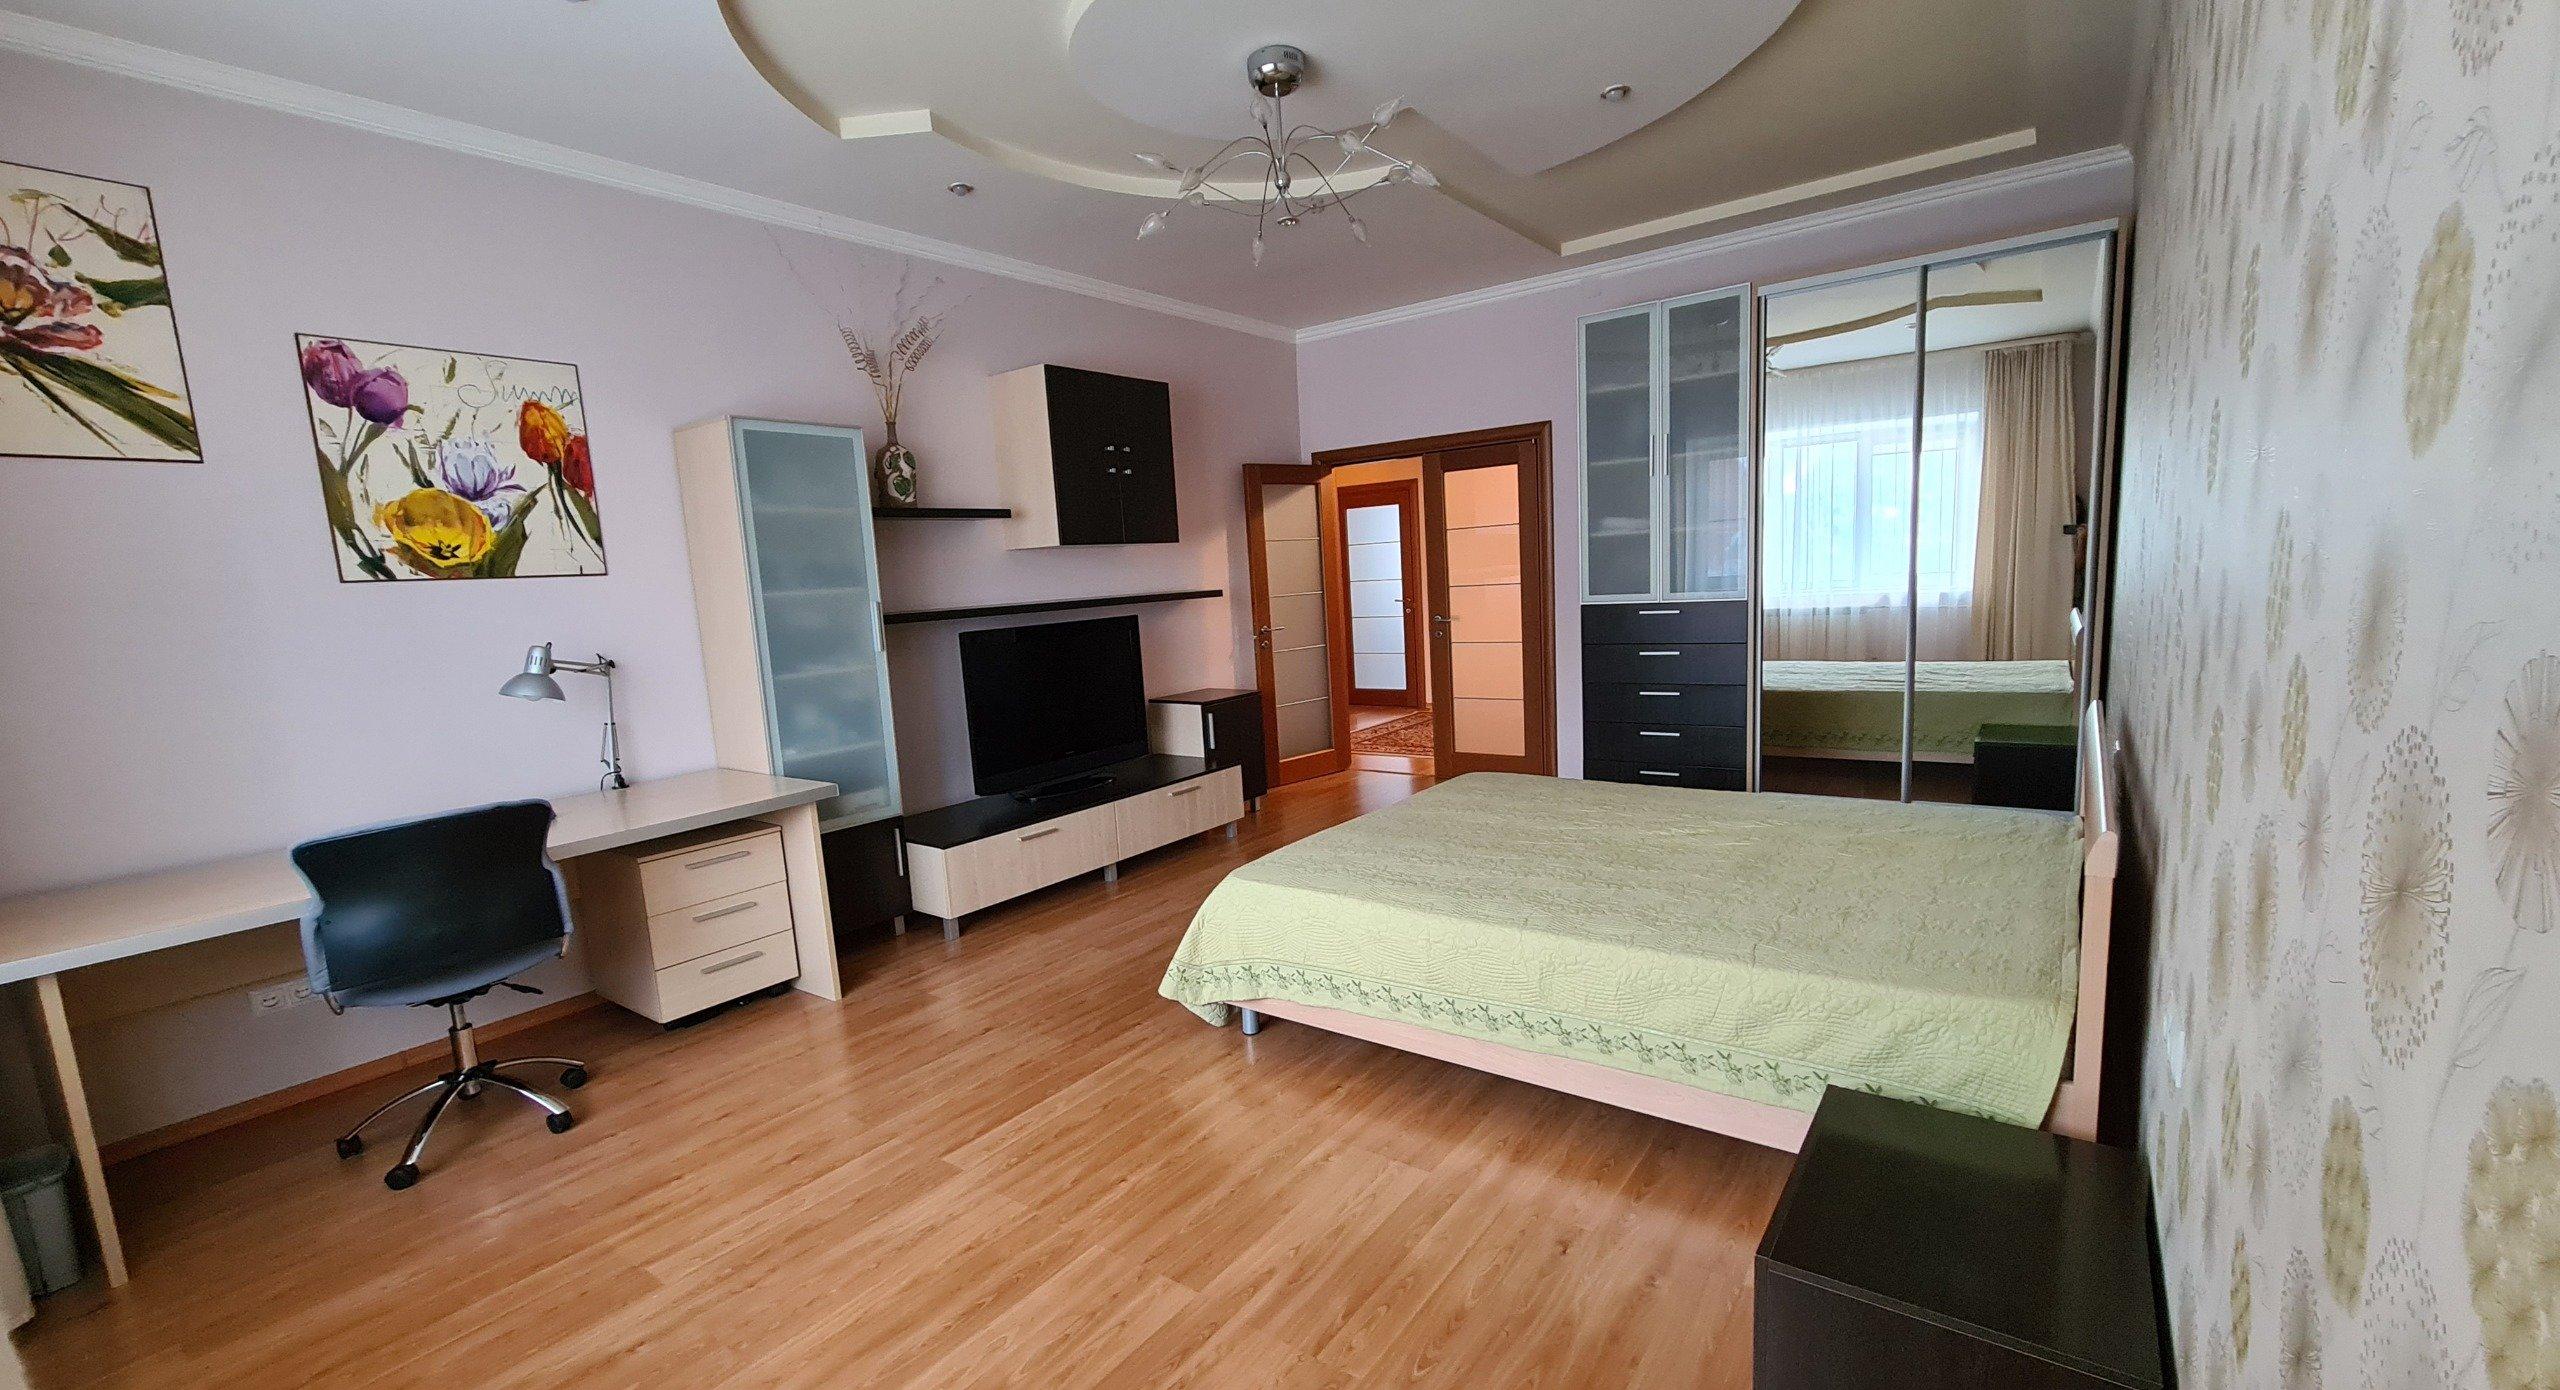 4к квартира ул Елены Стасовой, д 25 | 70000 | аренда в Красноярске фото 5